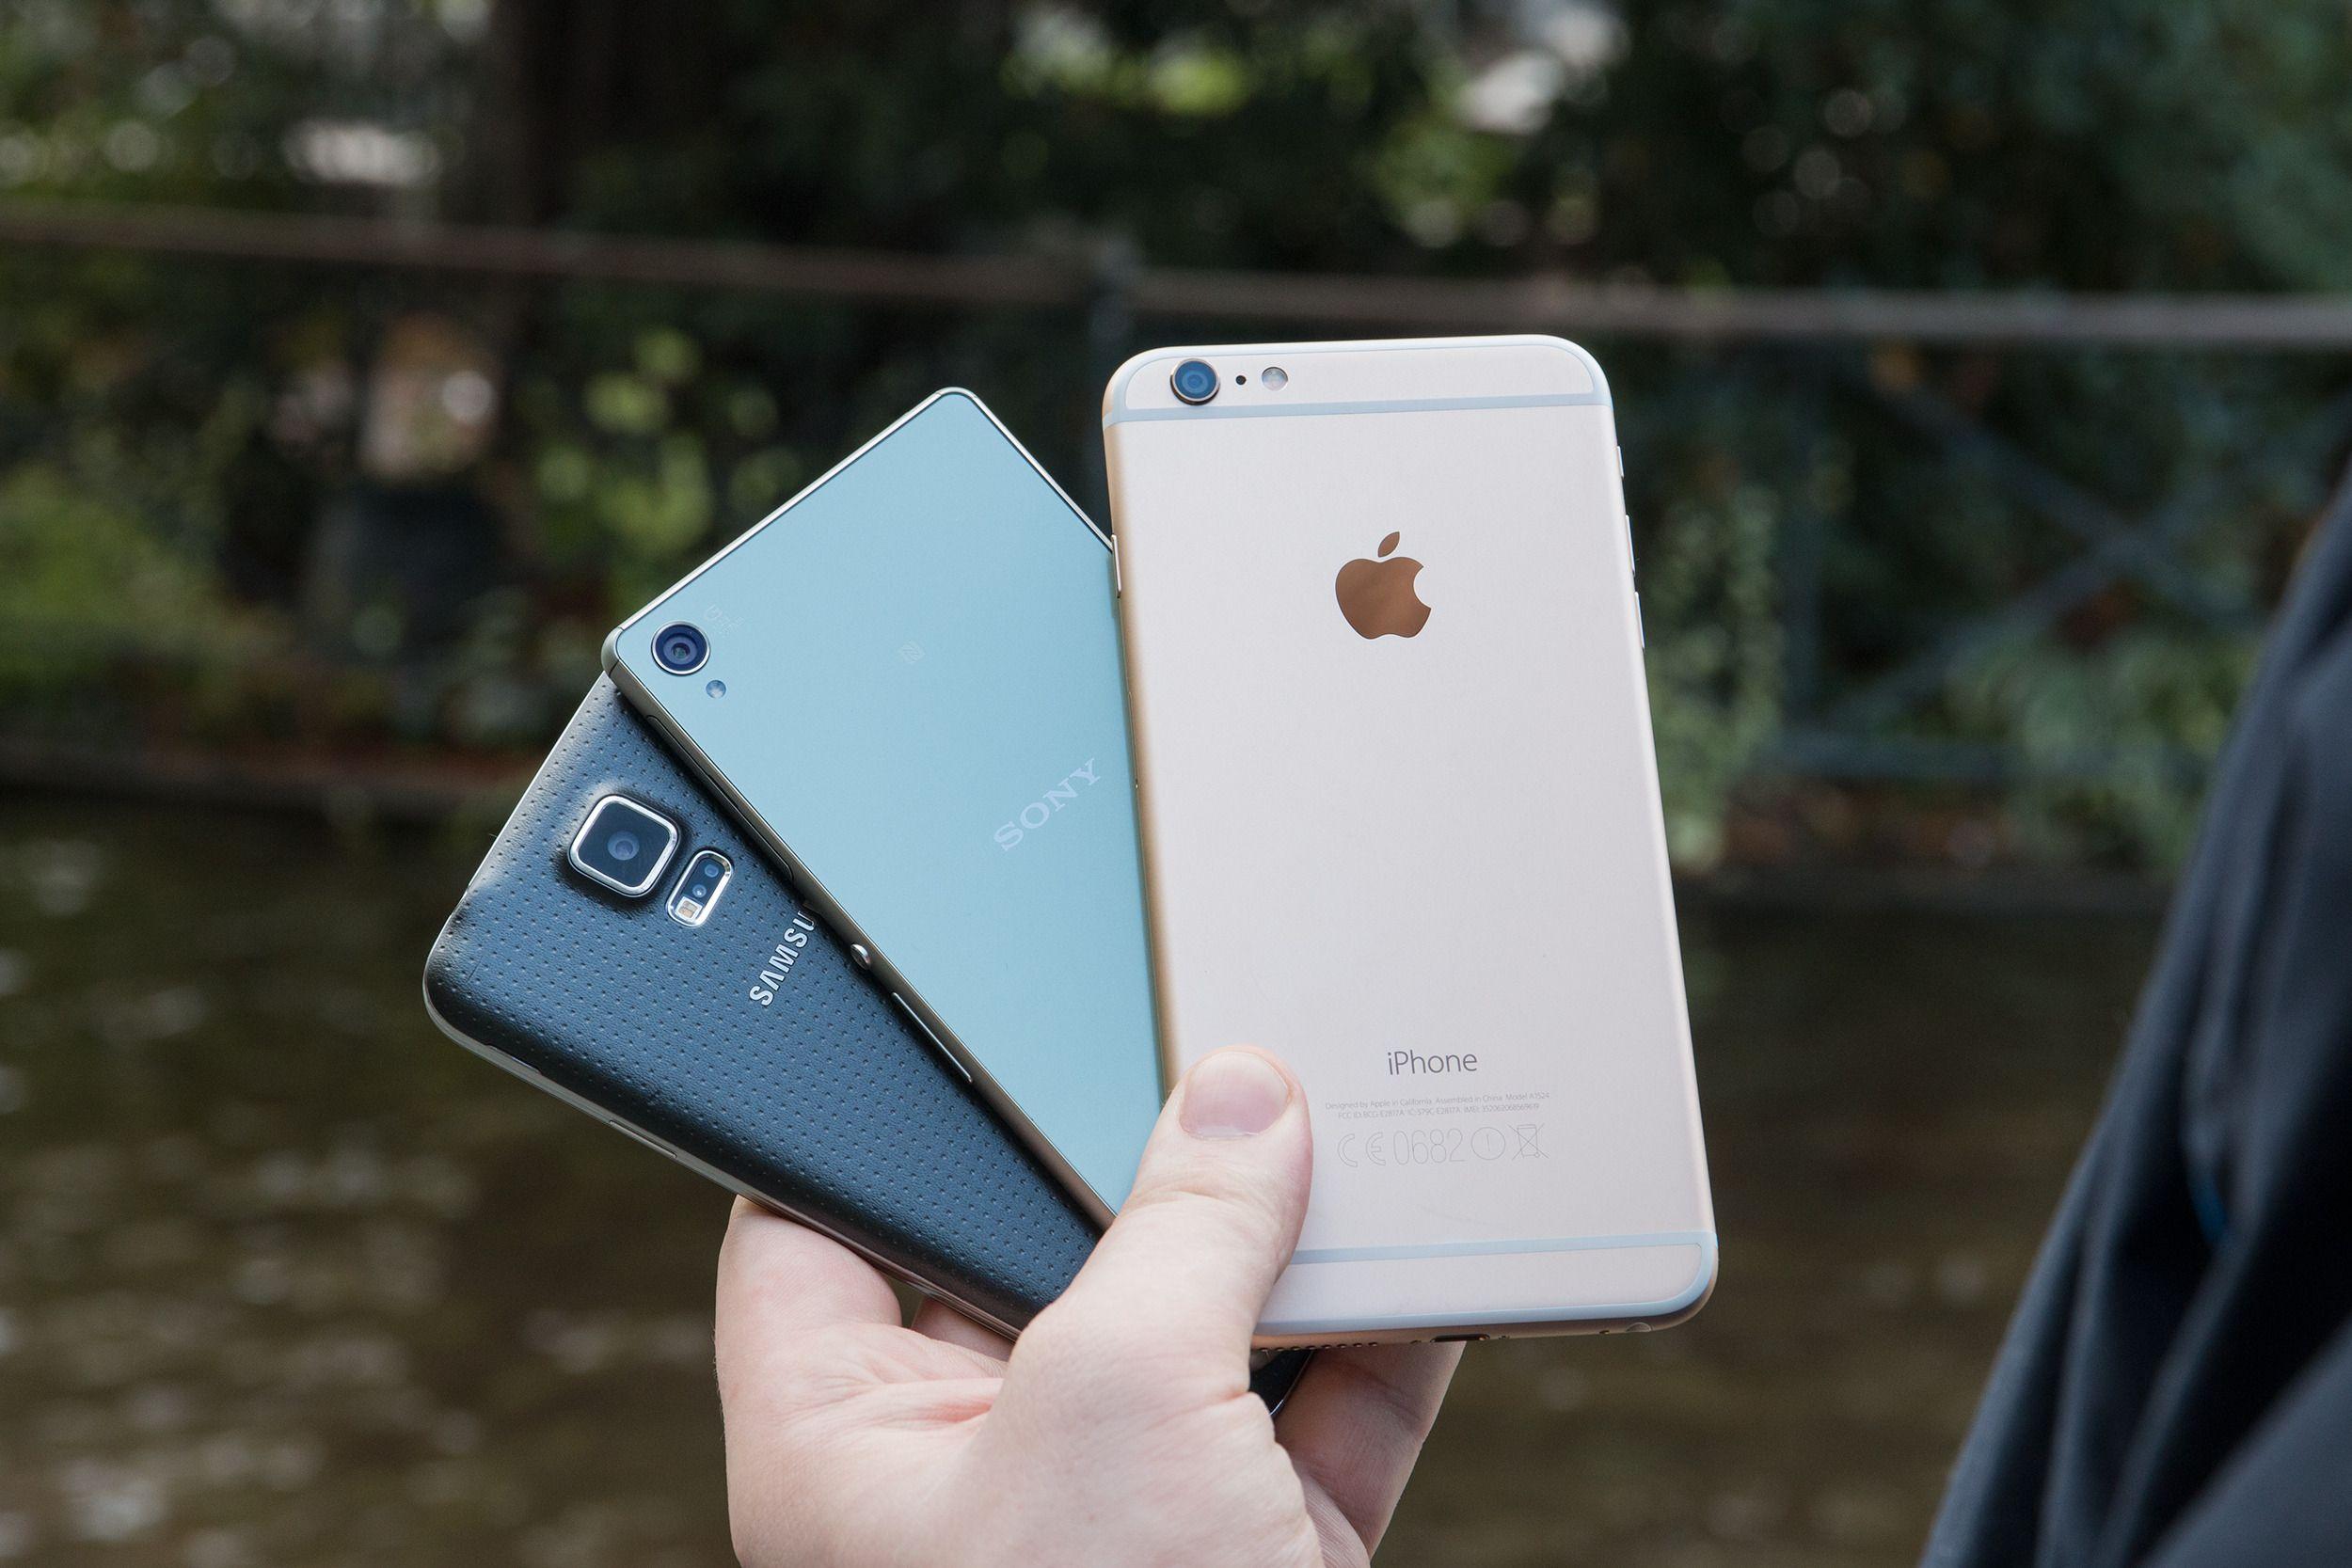 iPhone 6 Plus sammen med noen av konkurrentene.Foto: Jørgen Elton Nilsen, Tek.no